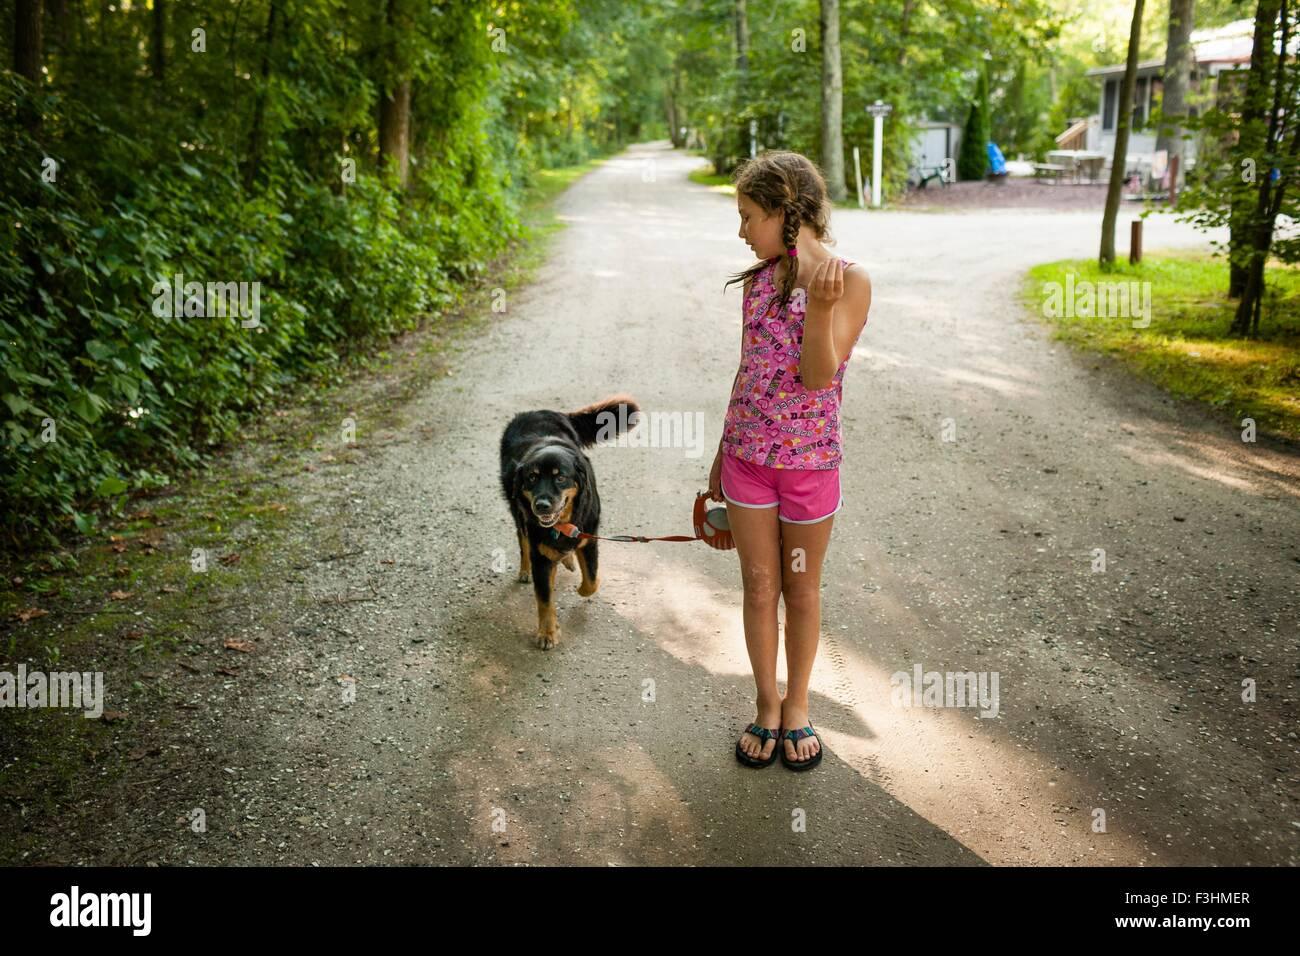 Vista frontal de la chica en el camino de tierra, paseando a un perro, mirando por encima del hombro Foto de stock